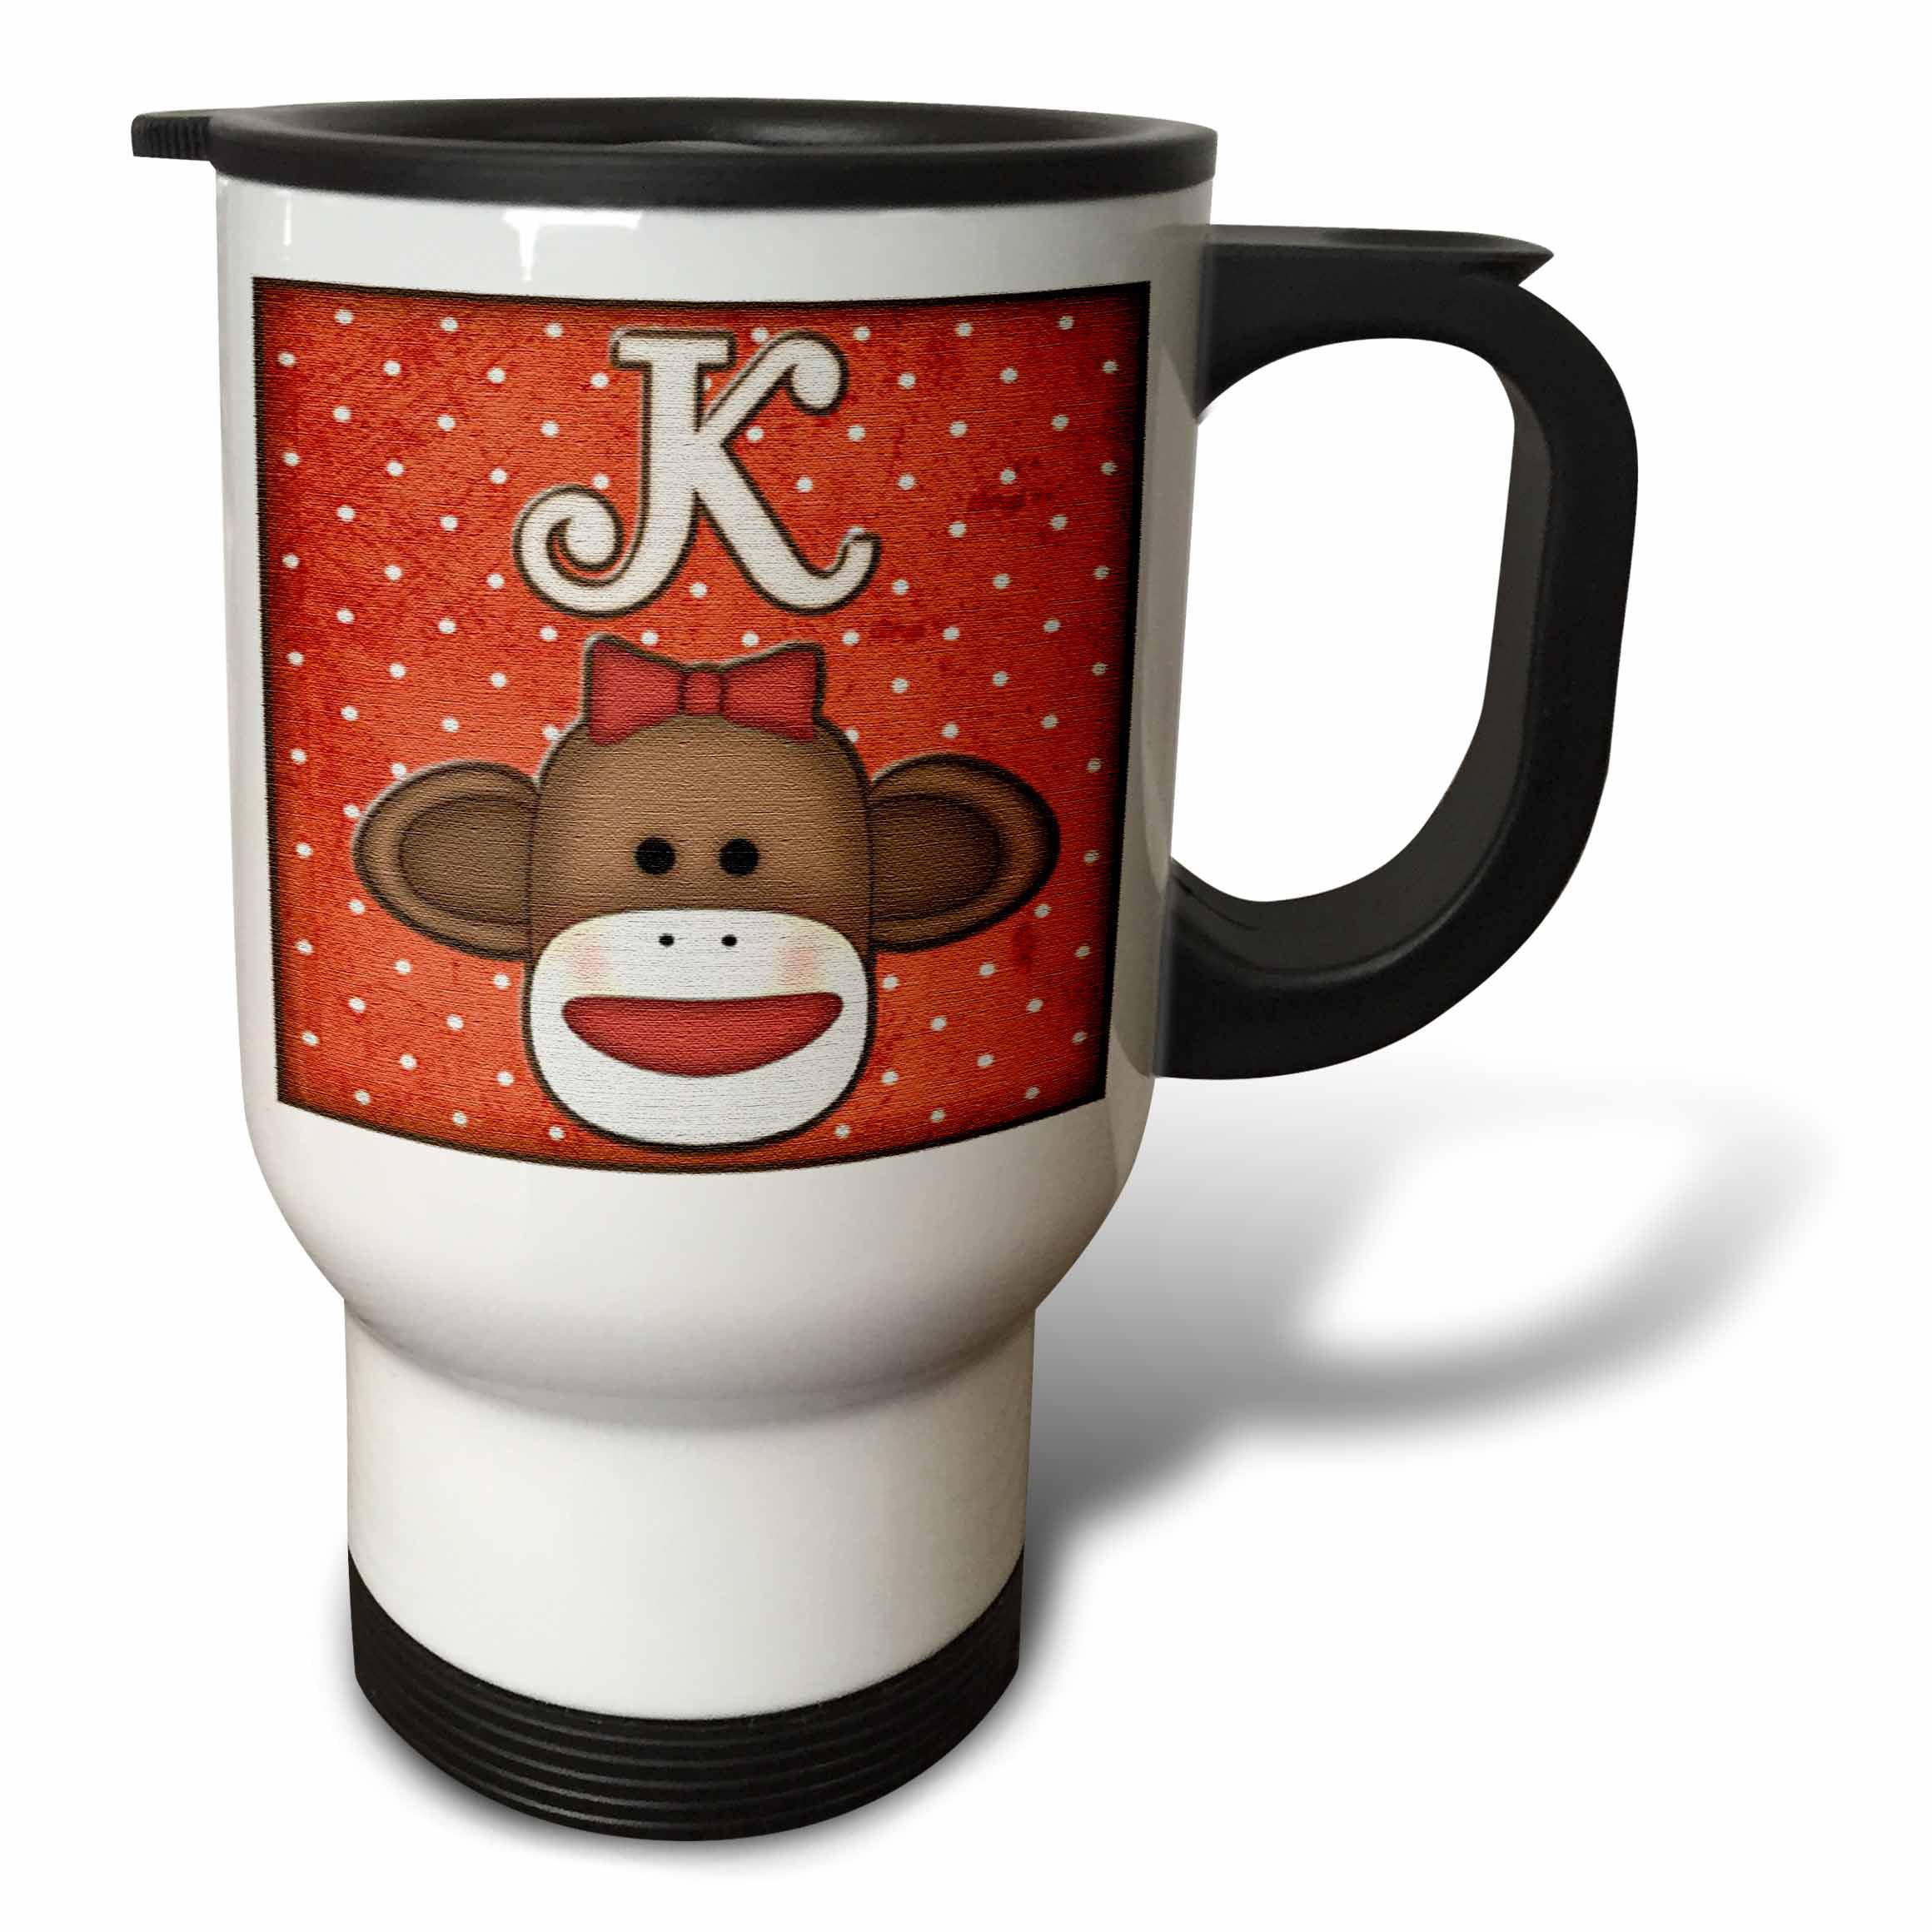 3dRose Cute Sock Monkey Girl Initial Letter K, Travel Mug, 14oz, Stainless Steel